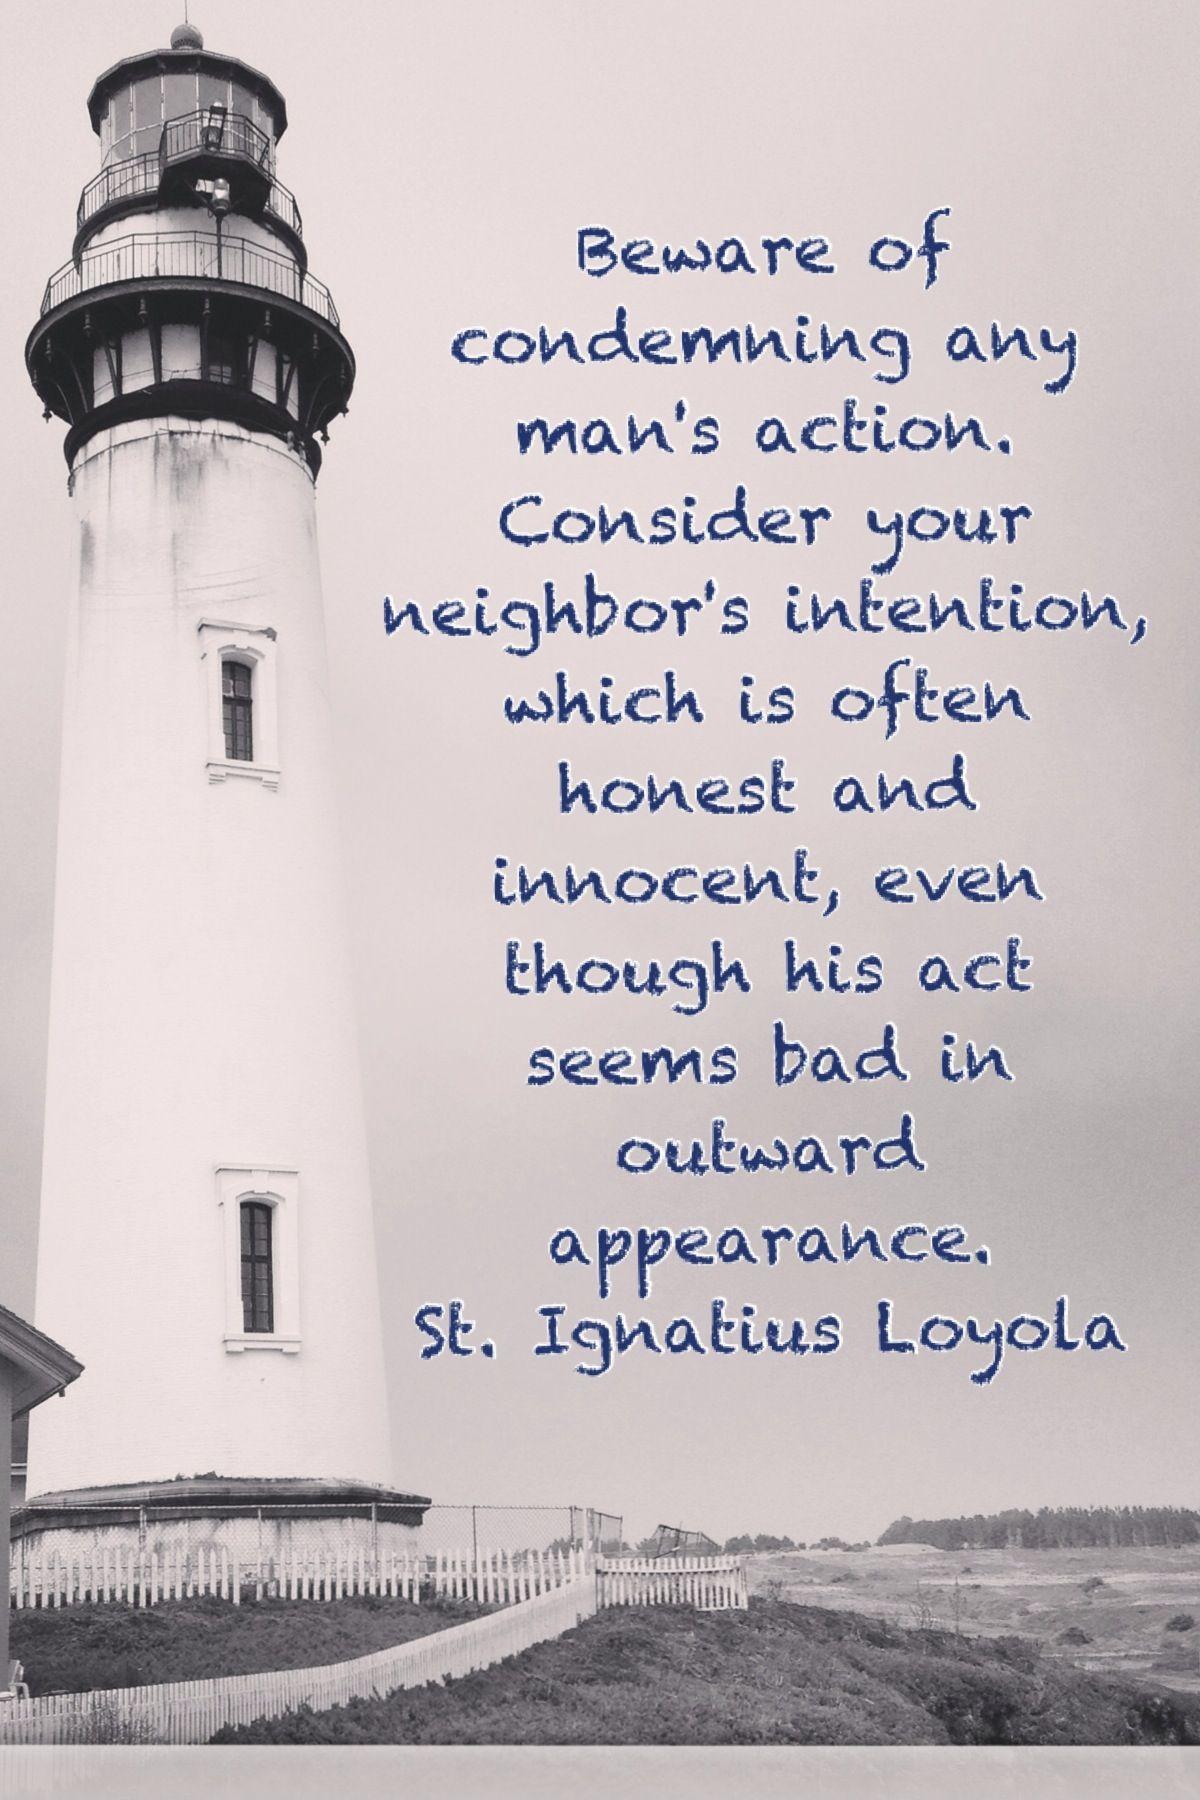 St. Ignatius Loyola Quote   Quotes   Pinterest   Saints, Wisdom and ...